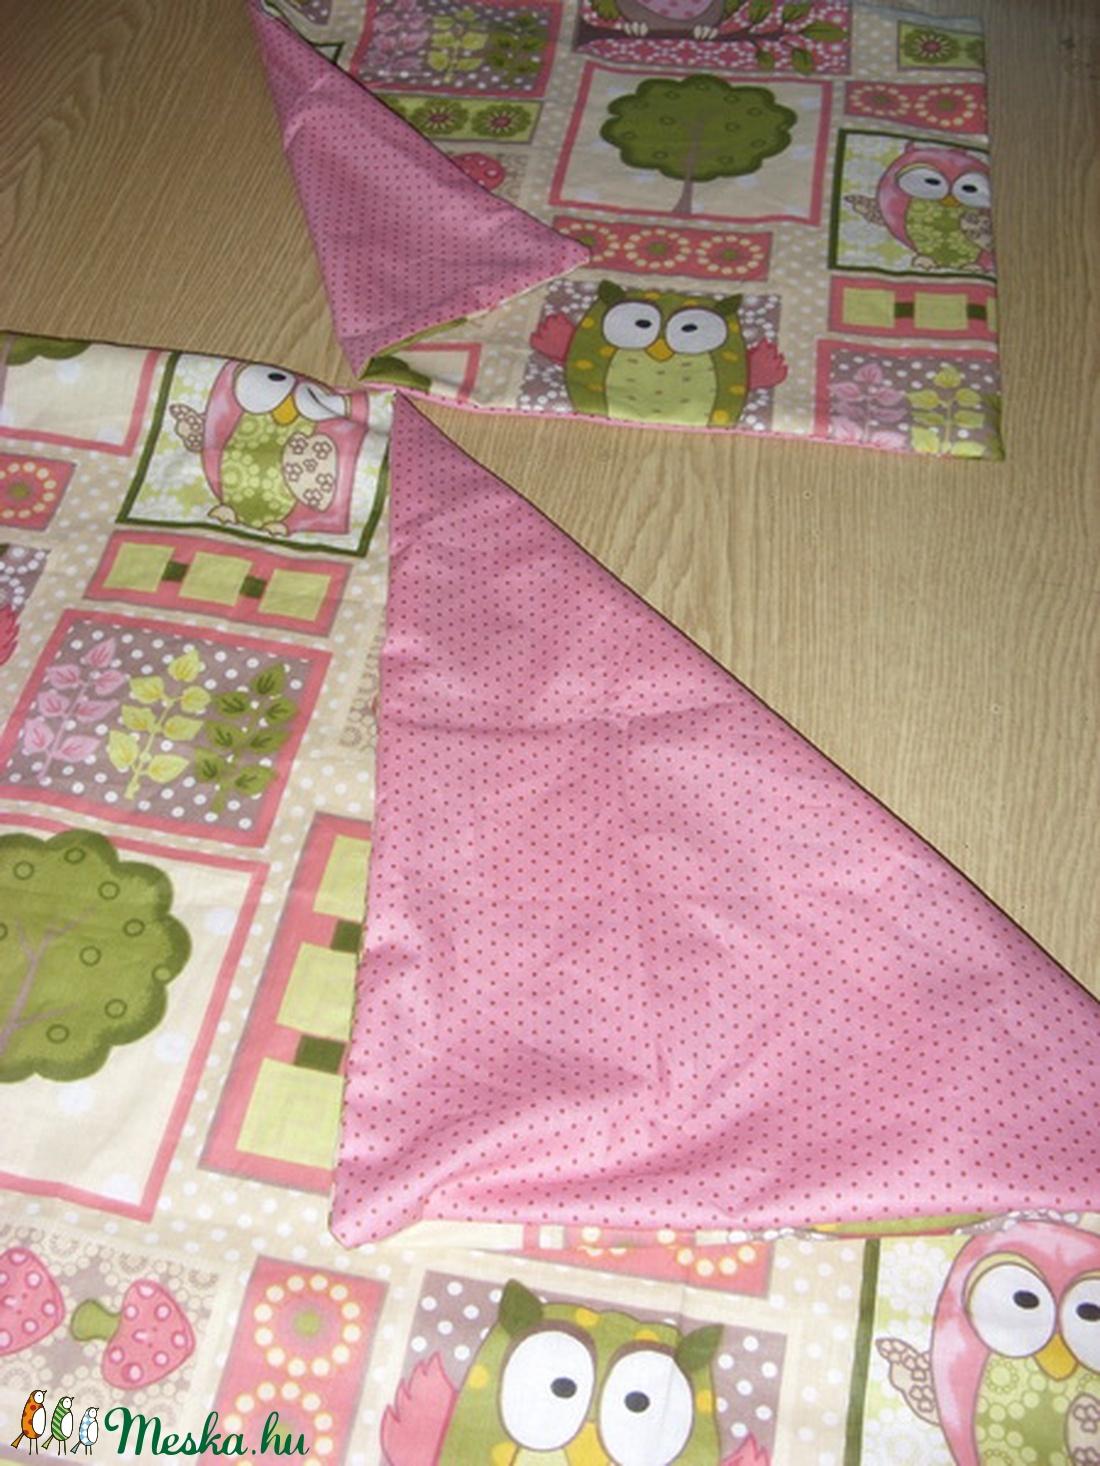 4 db-os ovis szett -ágyneműhuzat és ovis zsákok- ovis jel mintájú textilből  is (MamaMariko) - Meska.hu 89c50008a2